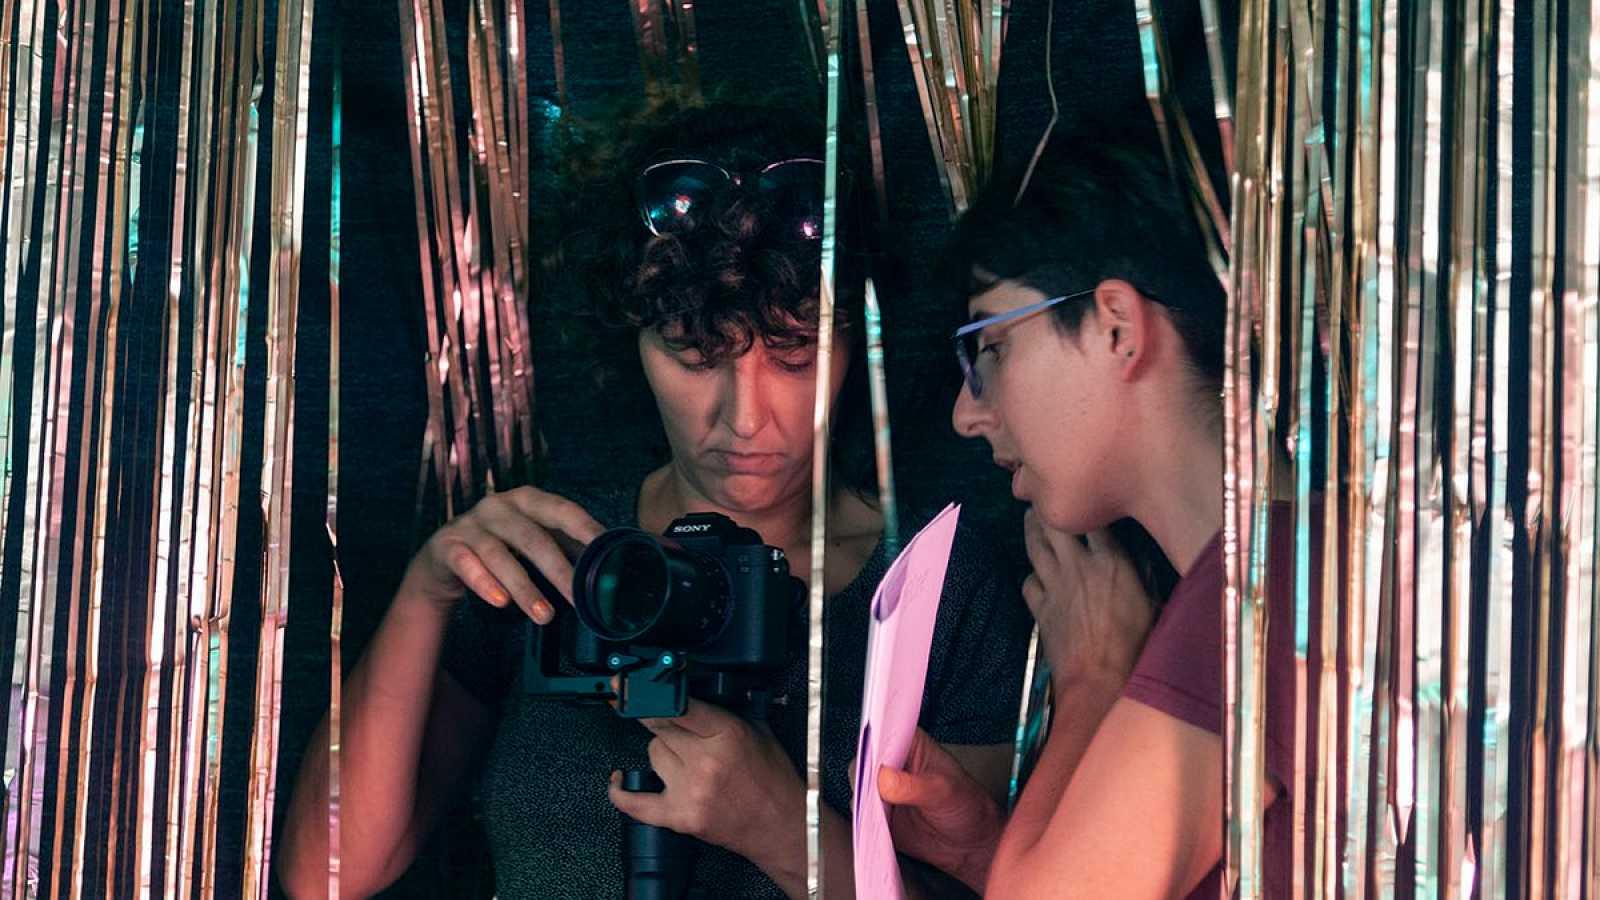 Si No Puedo Bailar... - Dos de las caras de la prostitución - 08/06/20 - escuchar ahora